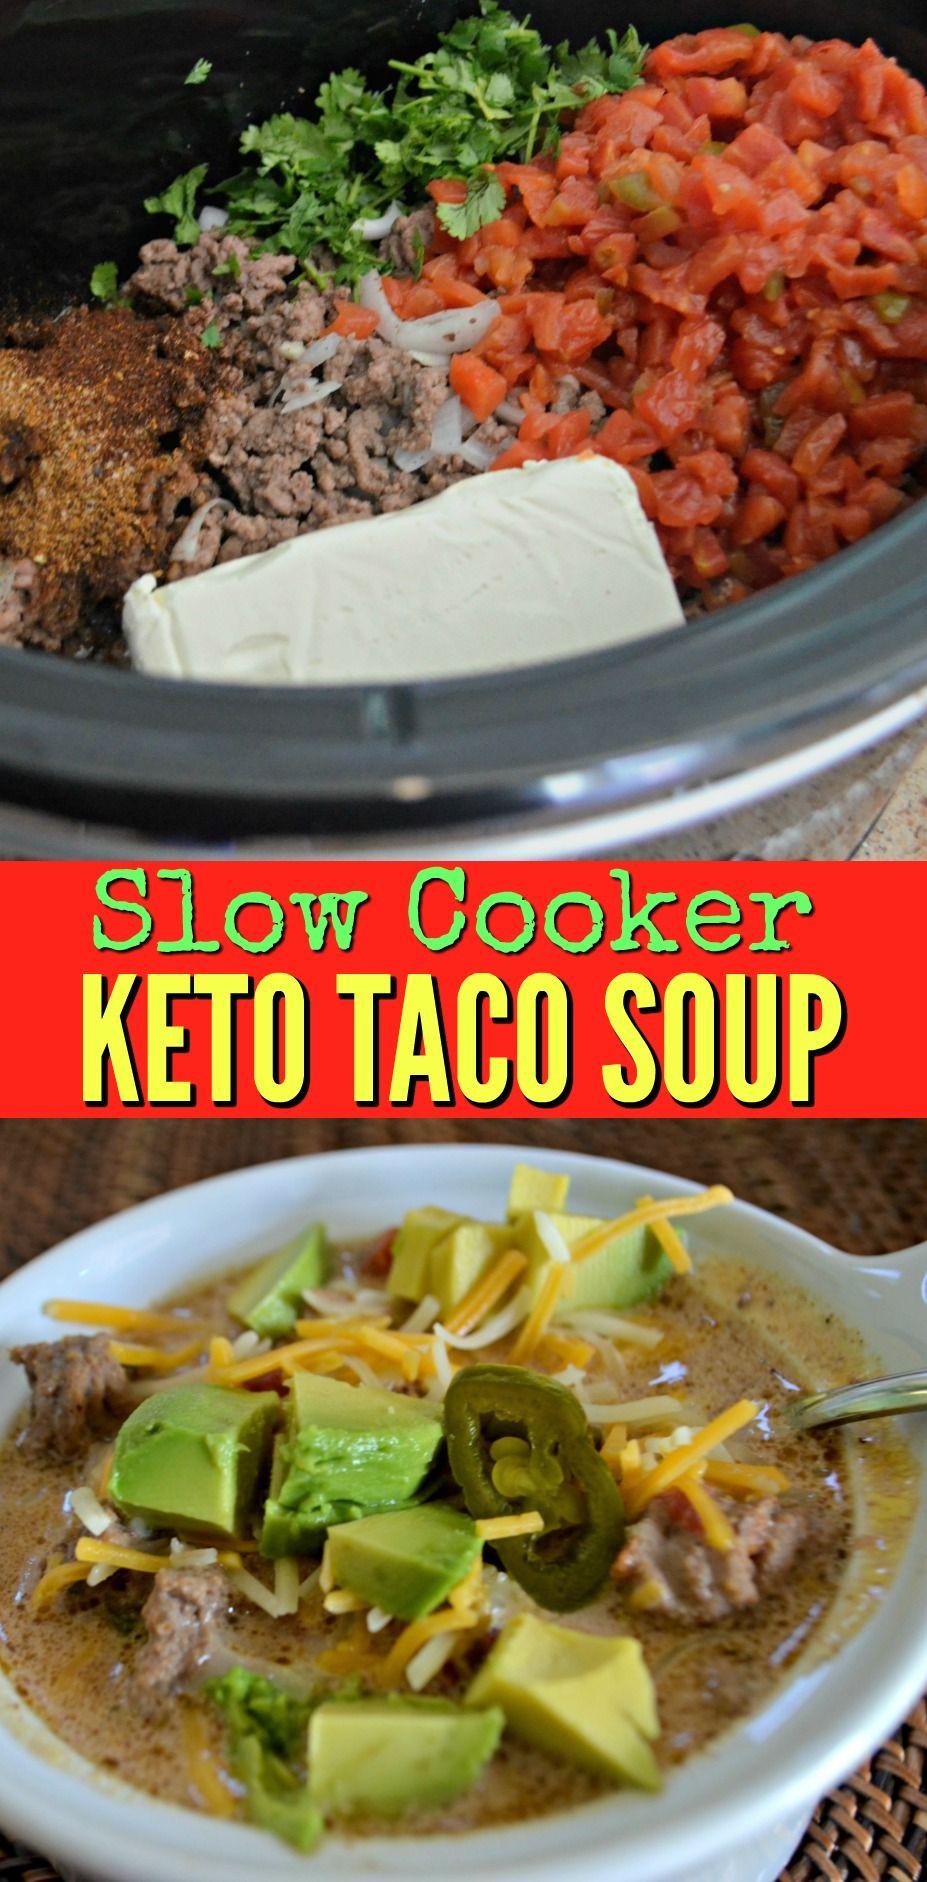 Slow Cooker Keto Taco Soup  slow cooker keto taco soup